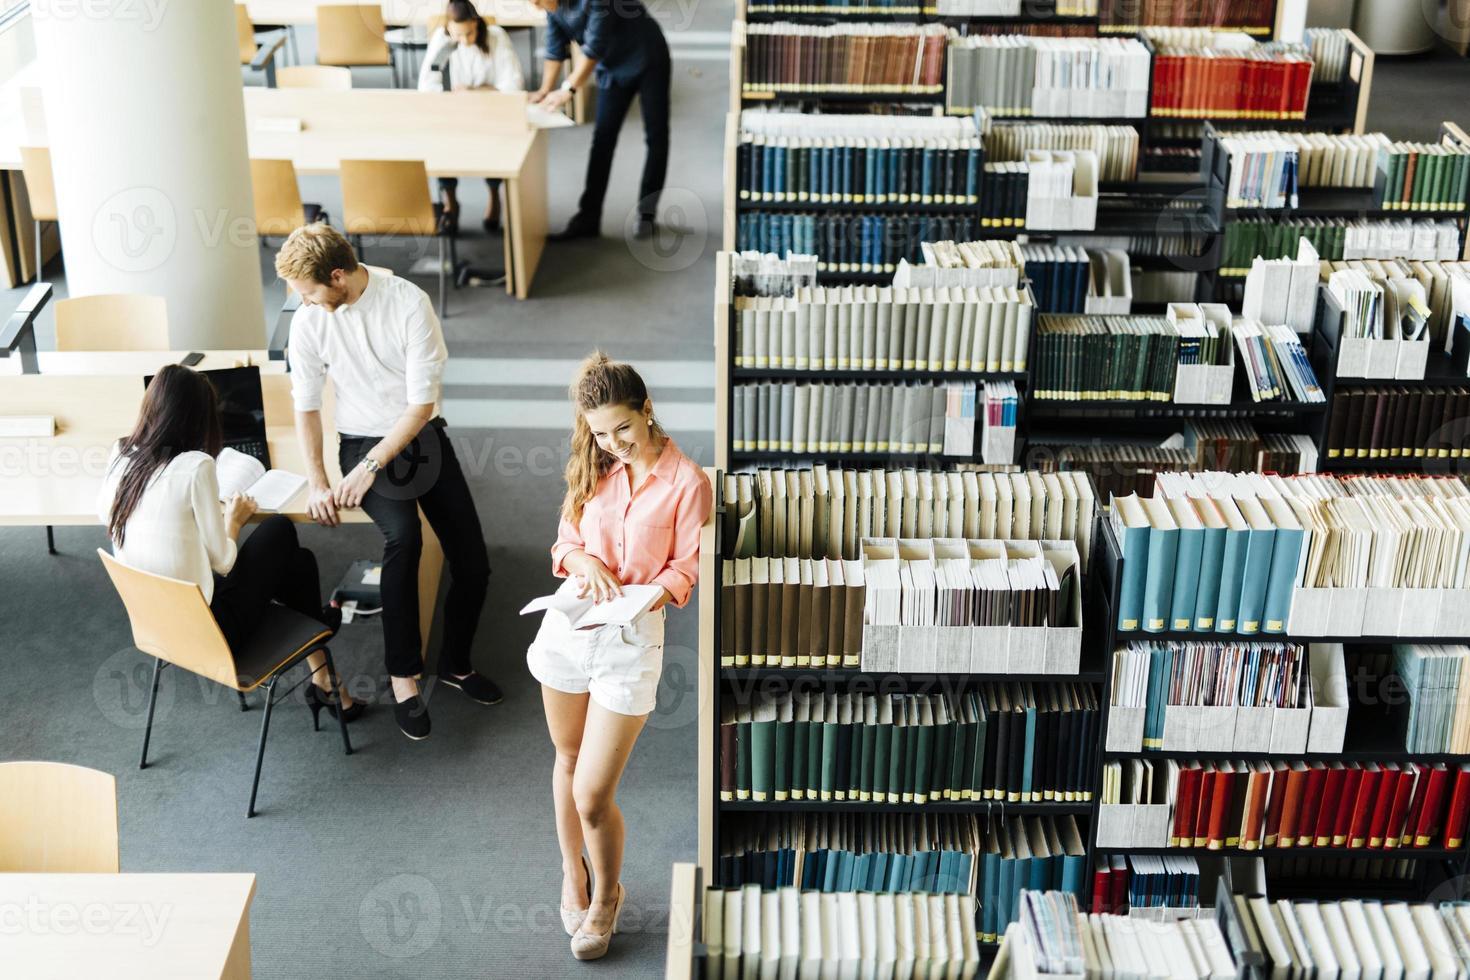 groep studenten die studeren in een bibliotheek foto